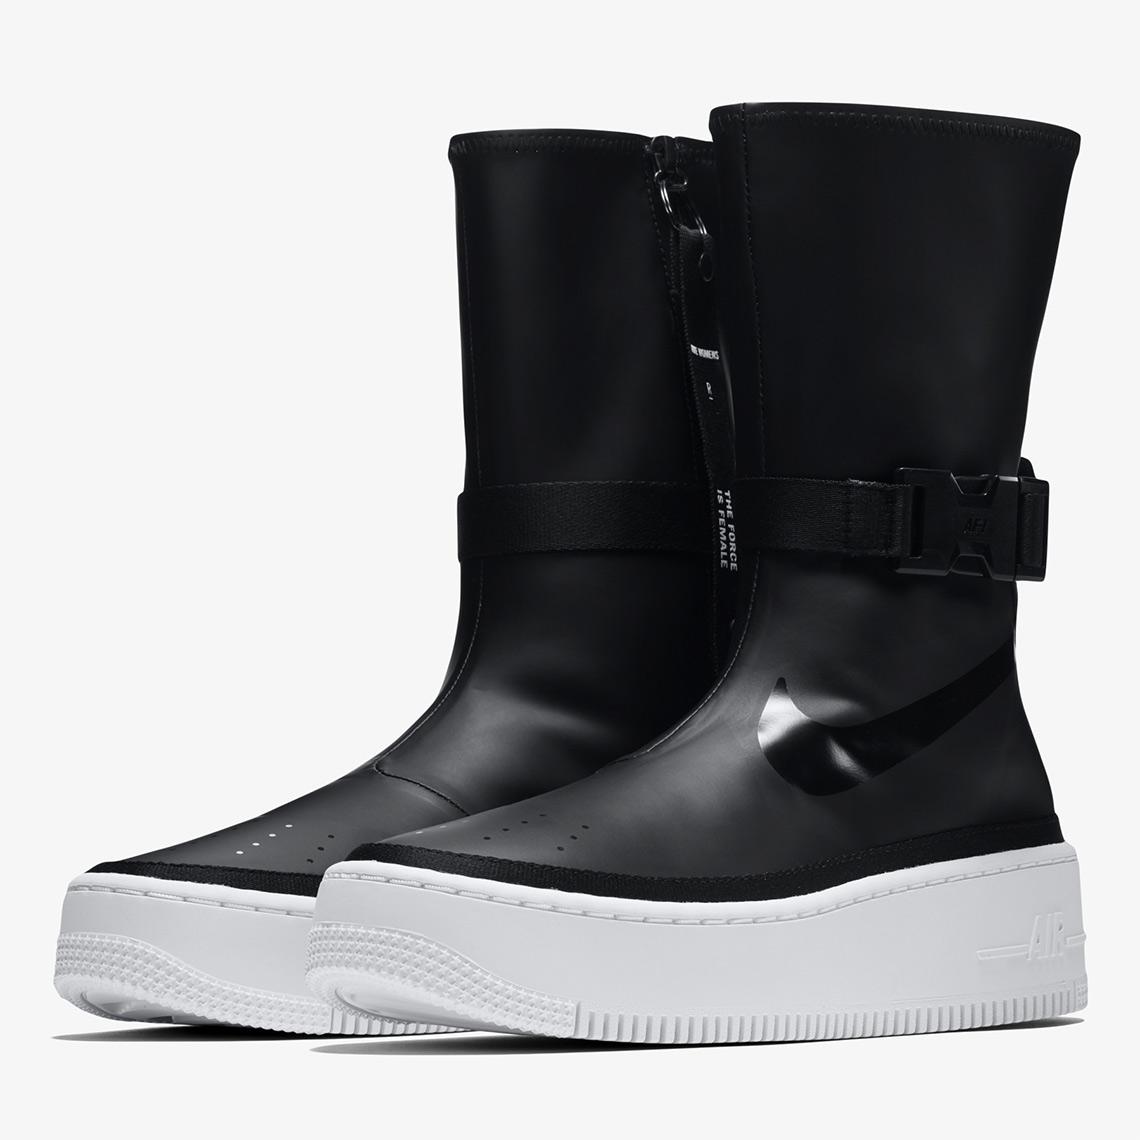 Nike Air Force AF1 Sage Hi Black White